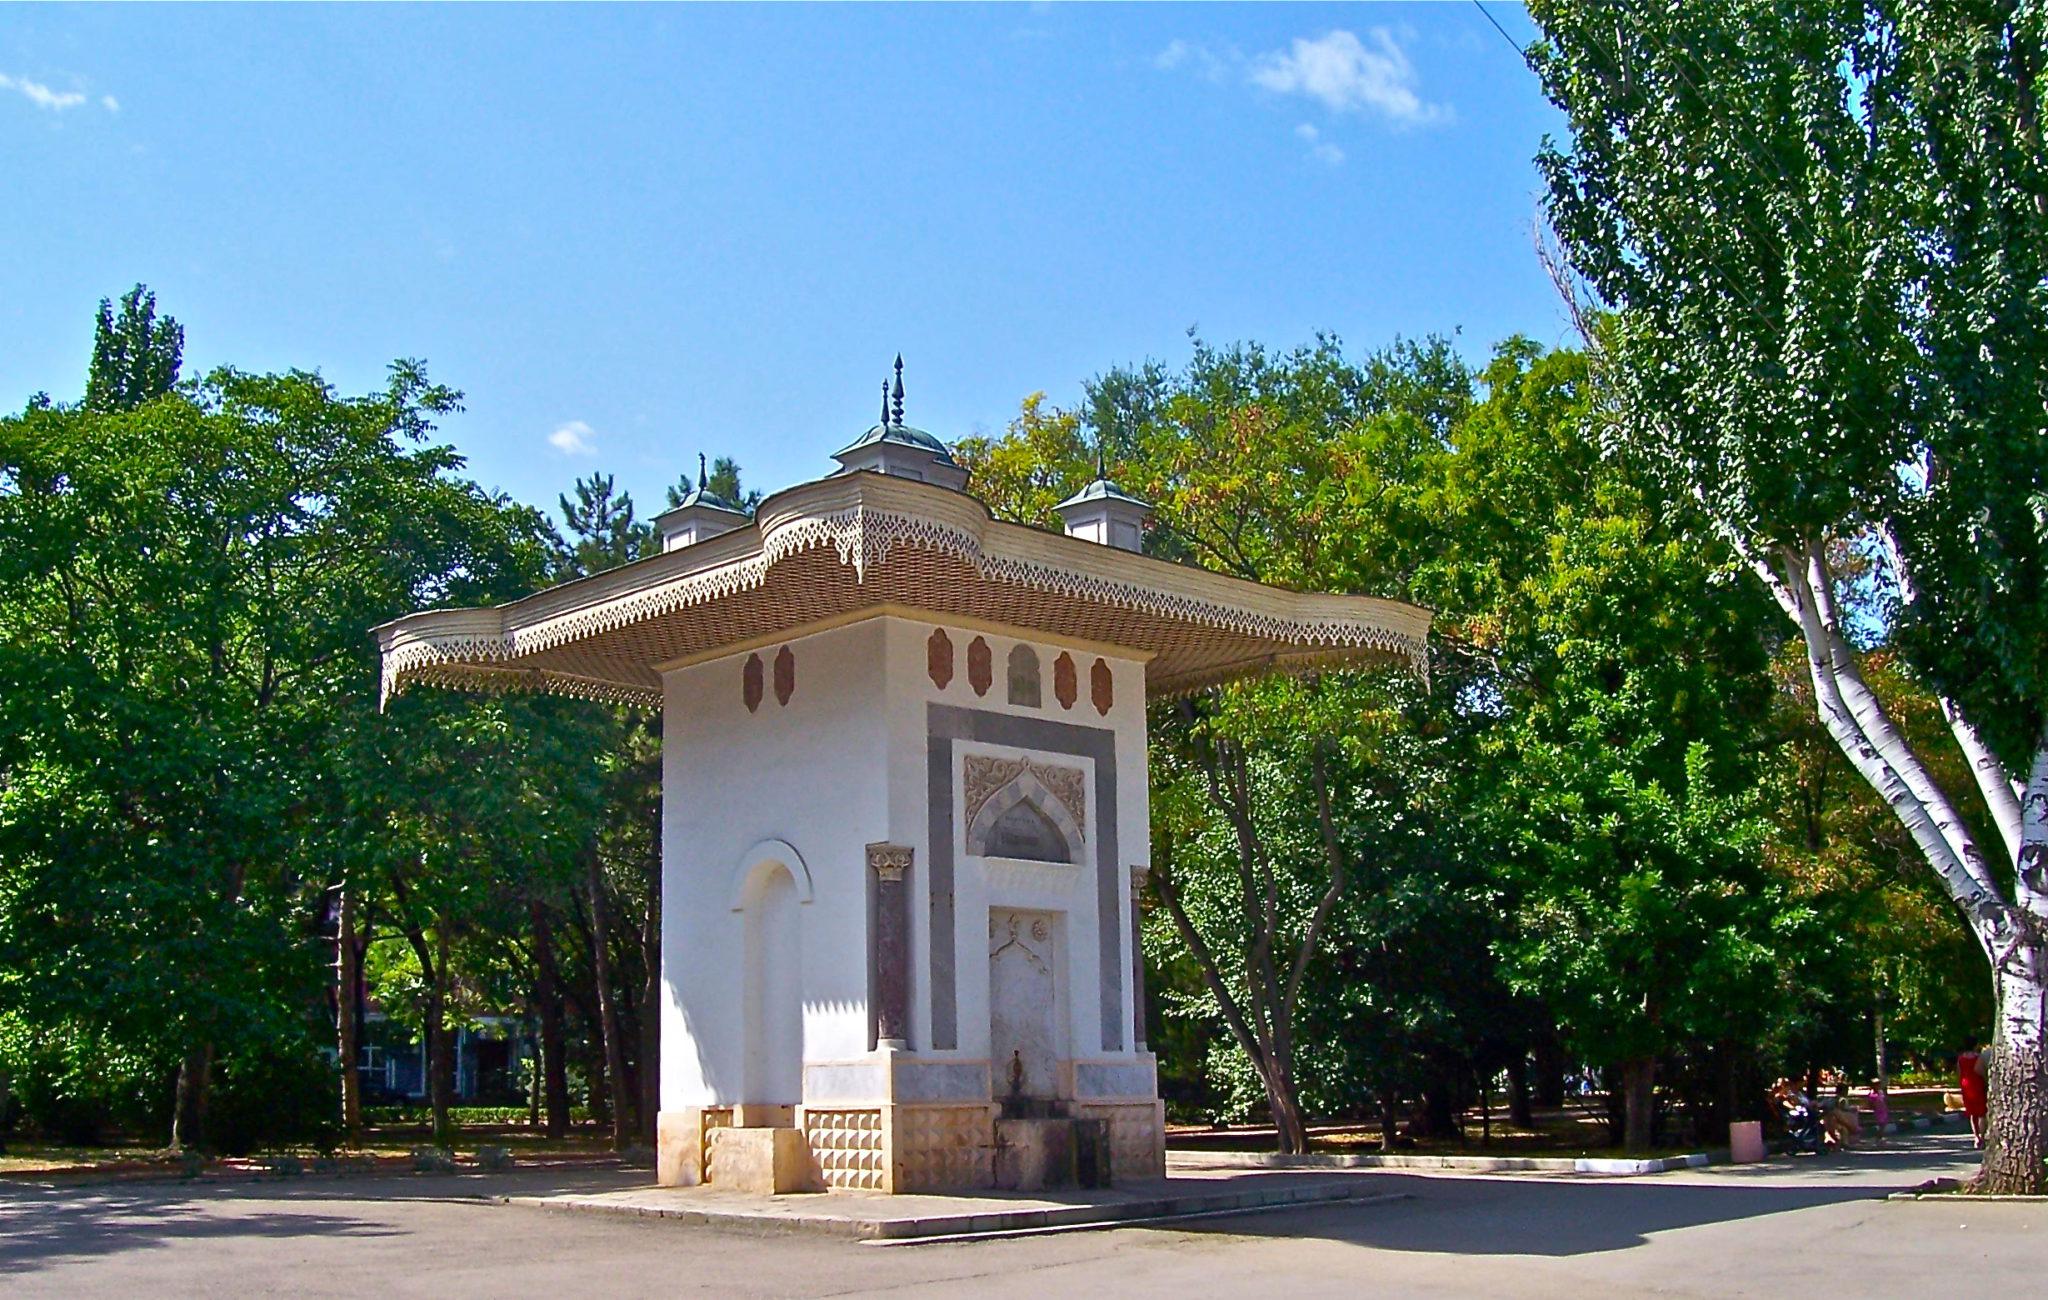 Достопримечательности Феодосии, фонтан Айвазовского